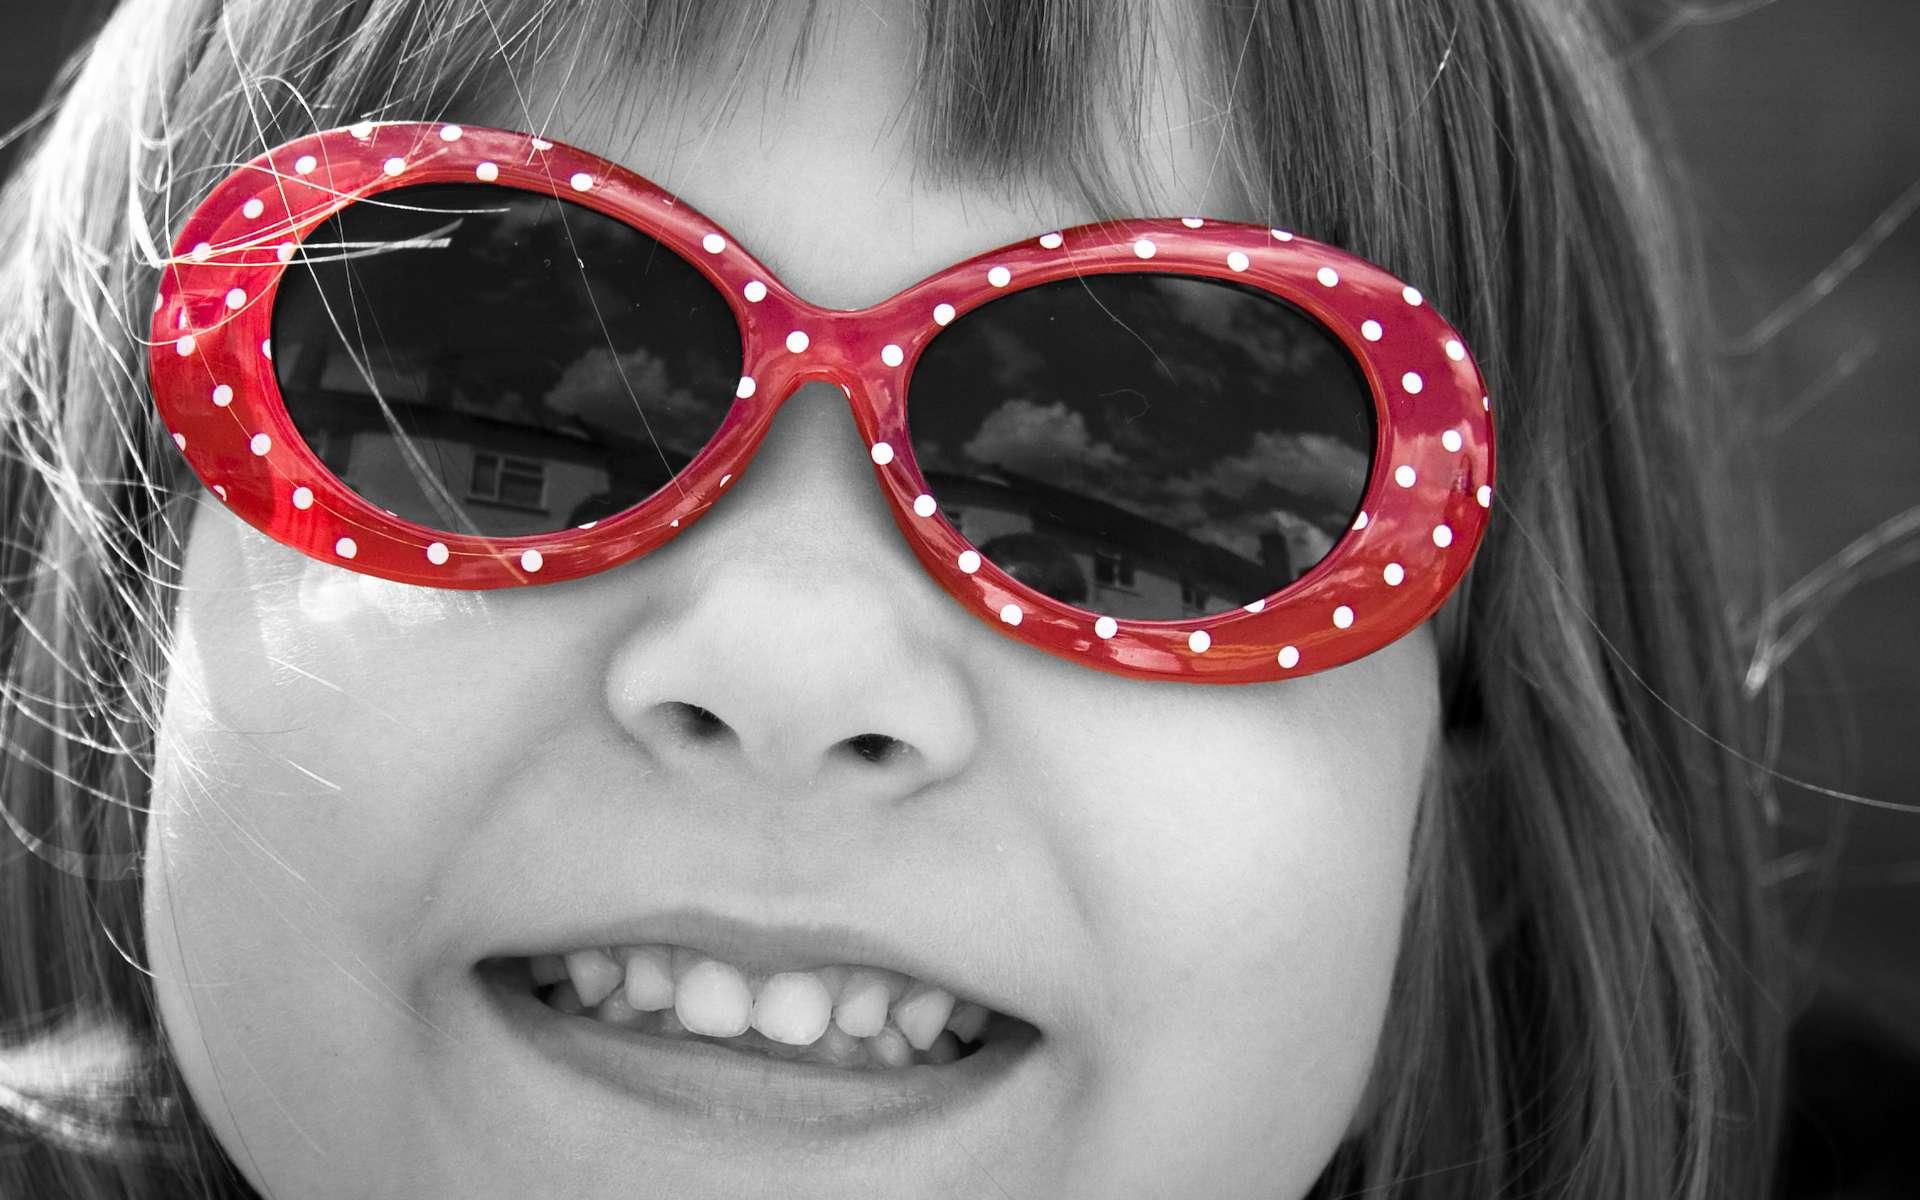 Porter des lunettes serait mieux accepté par les enfants qu'arborer un pansement oculaire, alors que le résultat est le mêm avec des verres occultants. © Stuart Richards, Flickr, CC by-nd 2.0